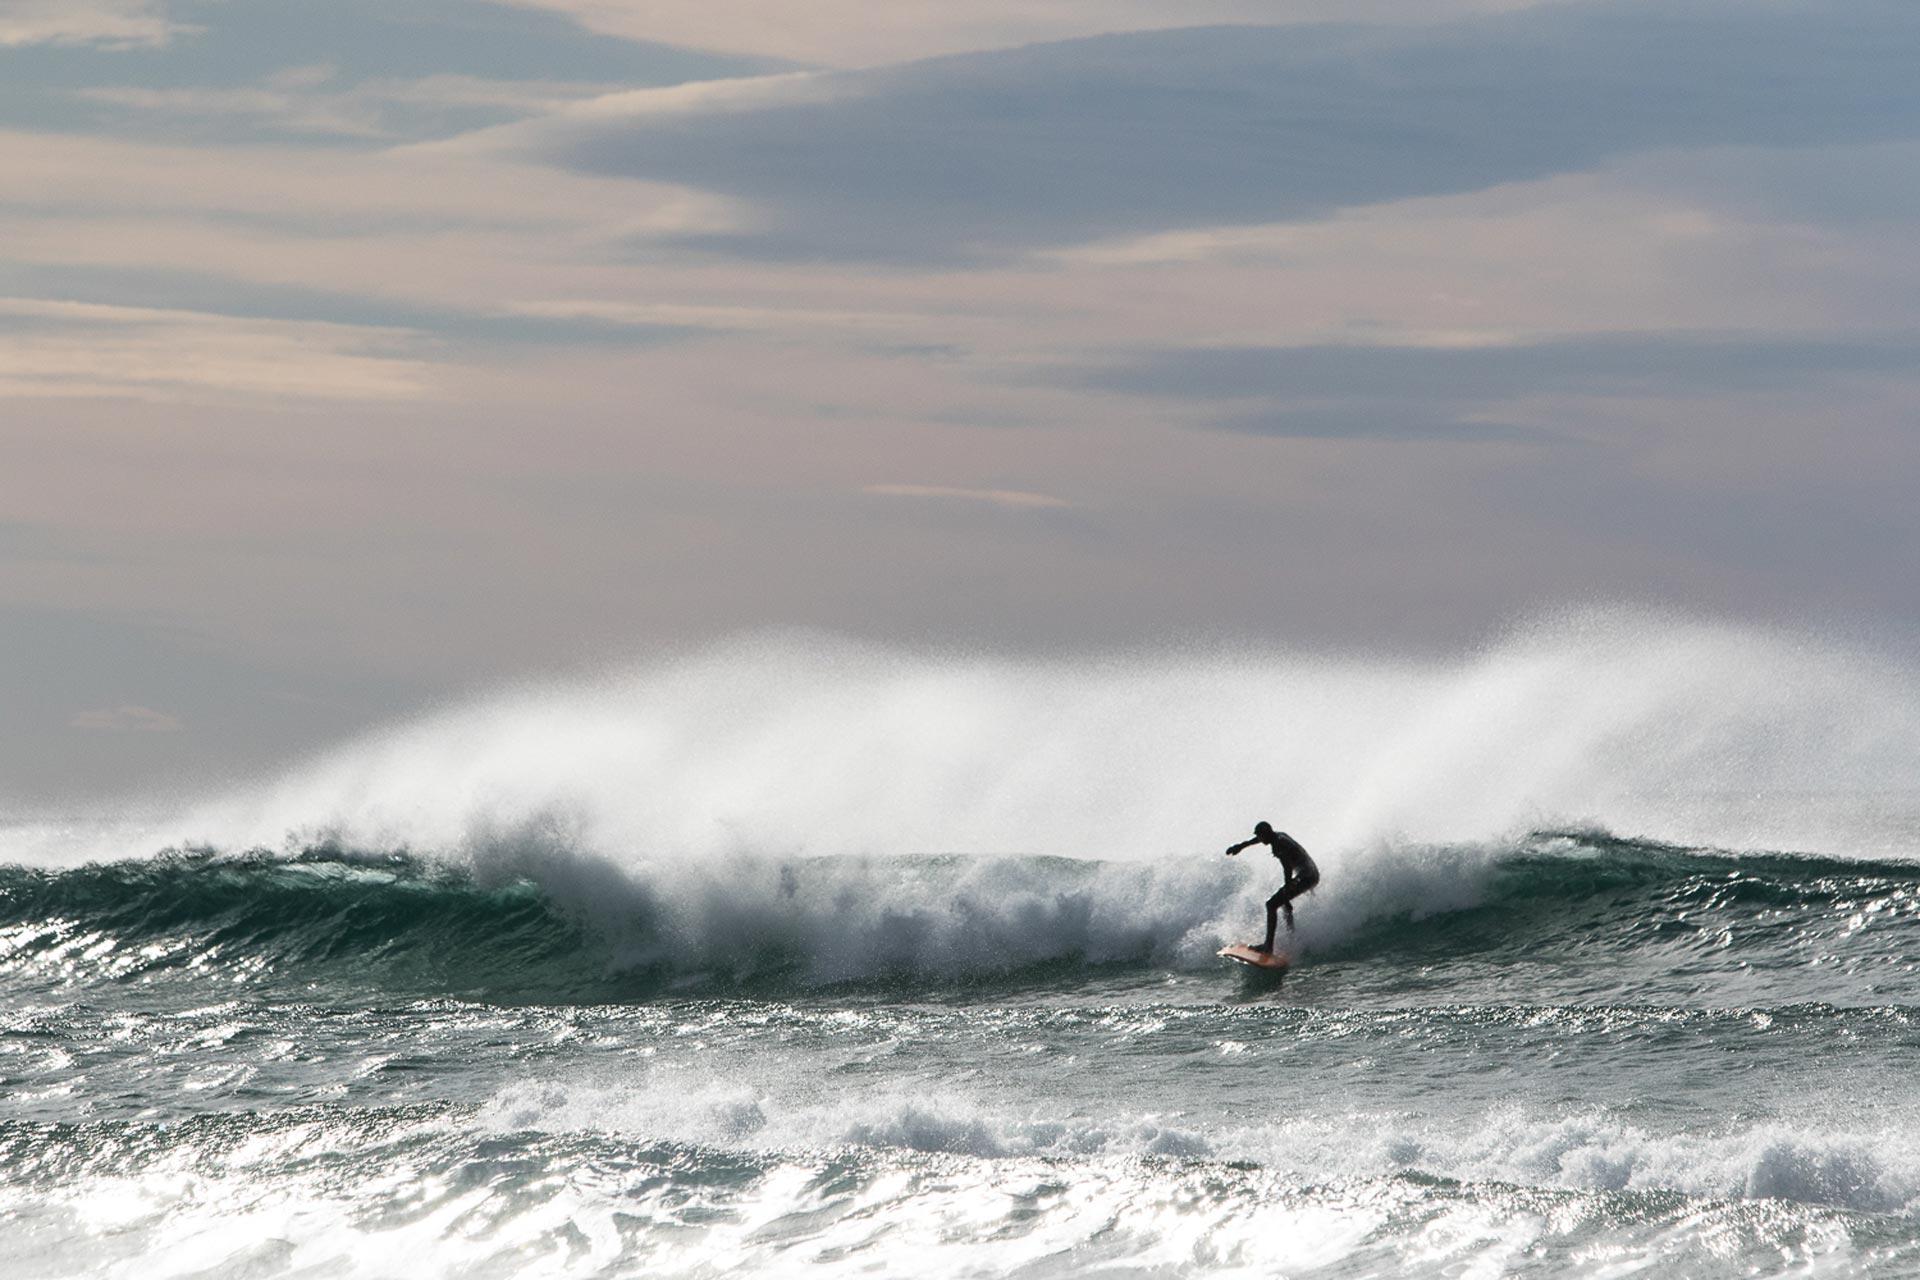 Wenn Schnee und Meer schon so nahe aneinander liegen, muss man die Gelegenheit natürlich auch gleich für ein paar Turns mit dem Surfbrett nutzen. - Foto: Hans-Martin Kudlinski